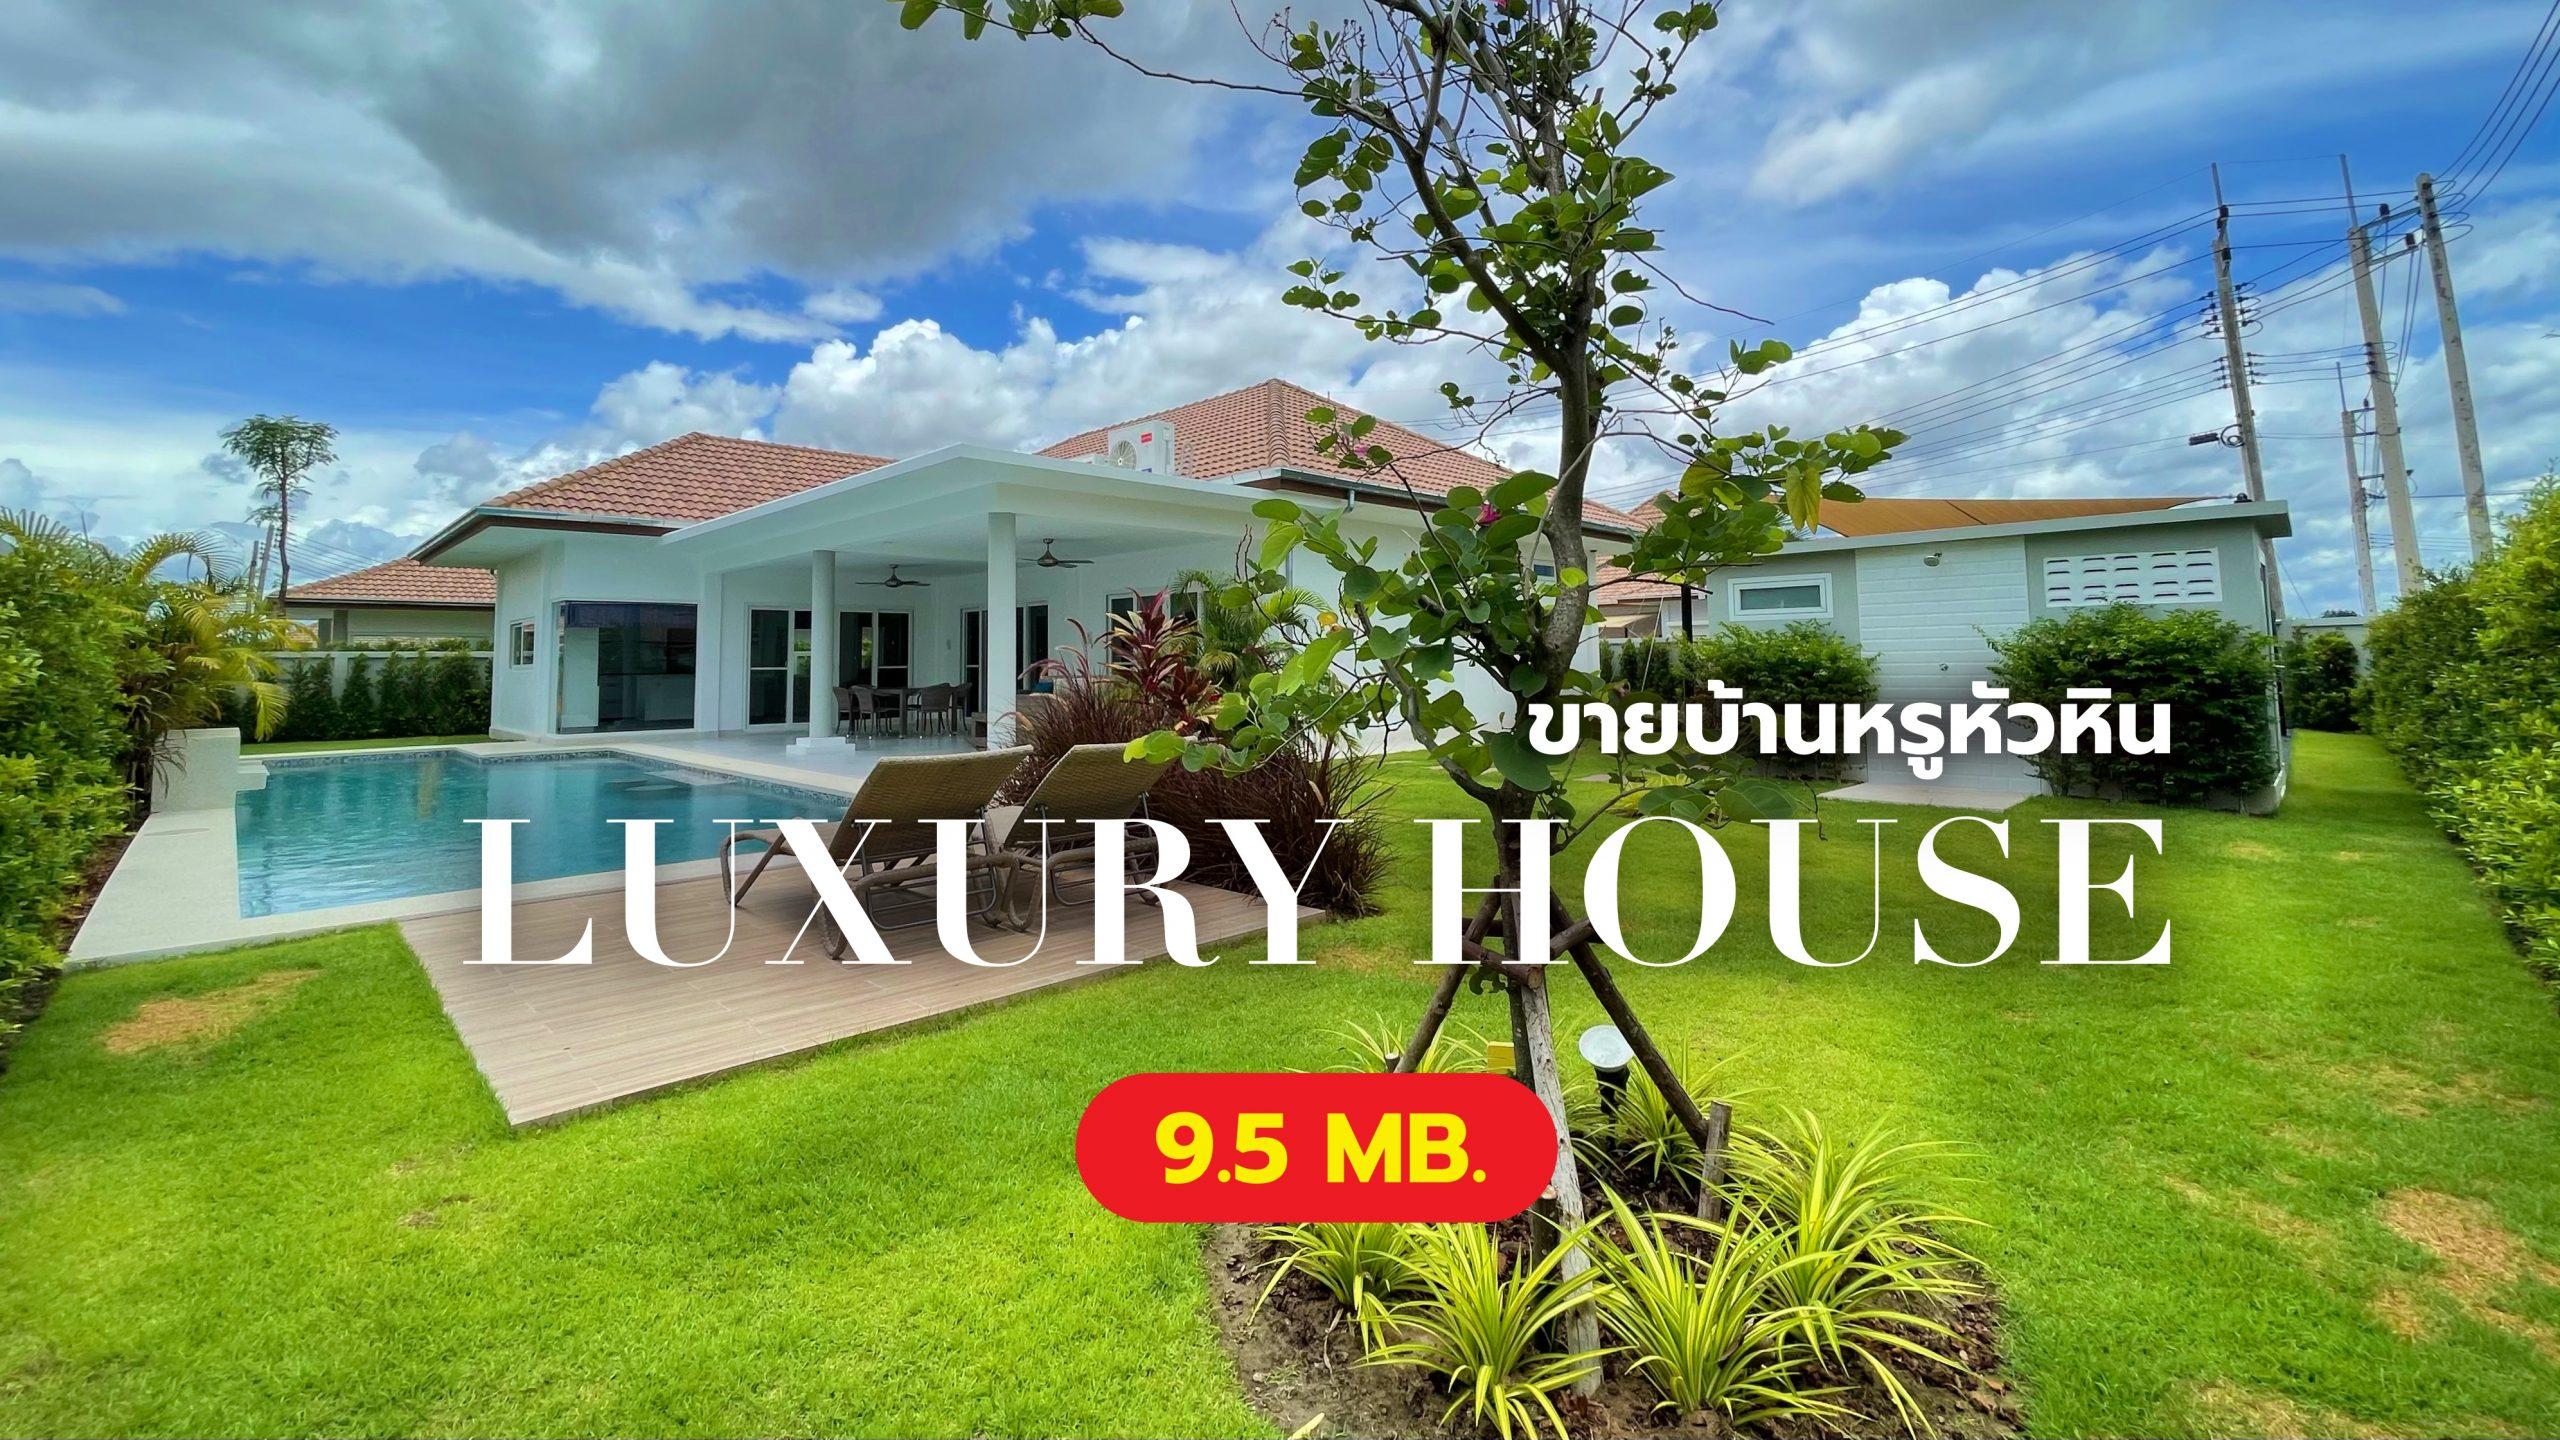 ขายบ้านหรูหัวหินพร้อมอยู่ Luxury Pool Villa Hua Hin Soi 112